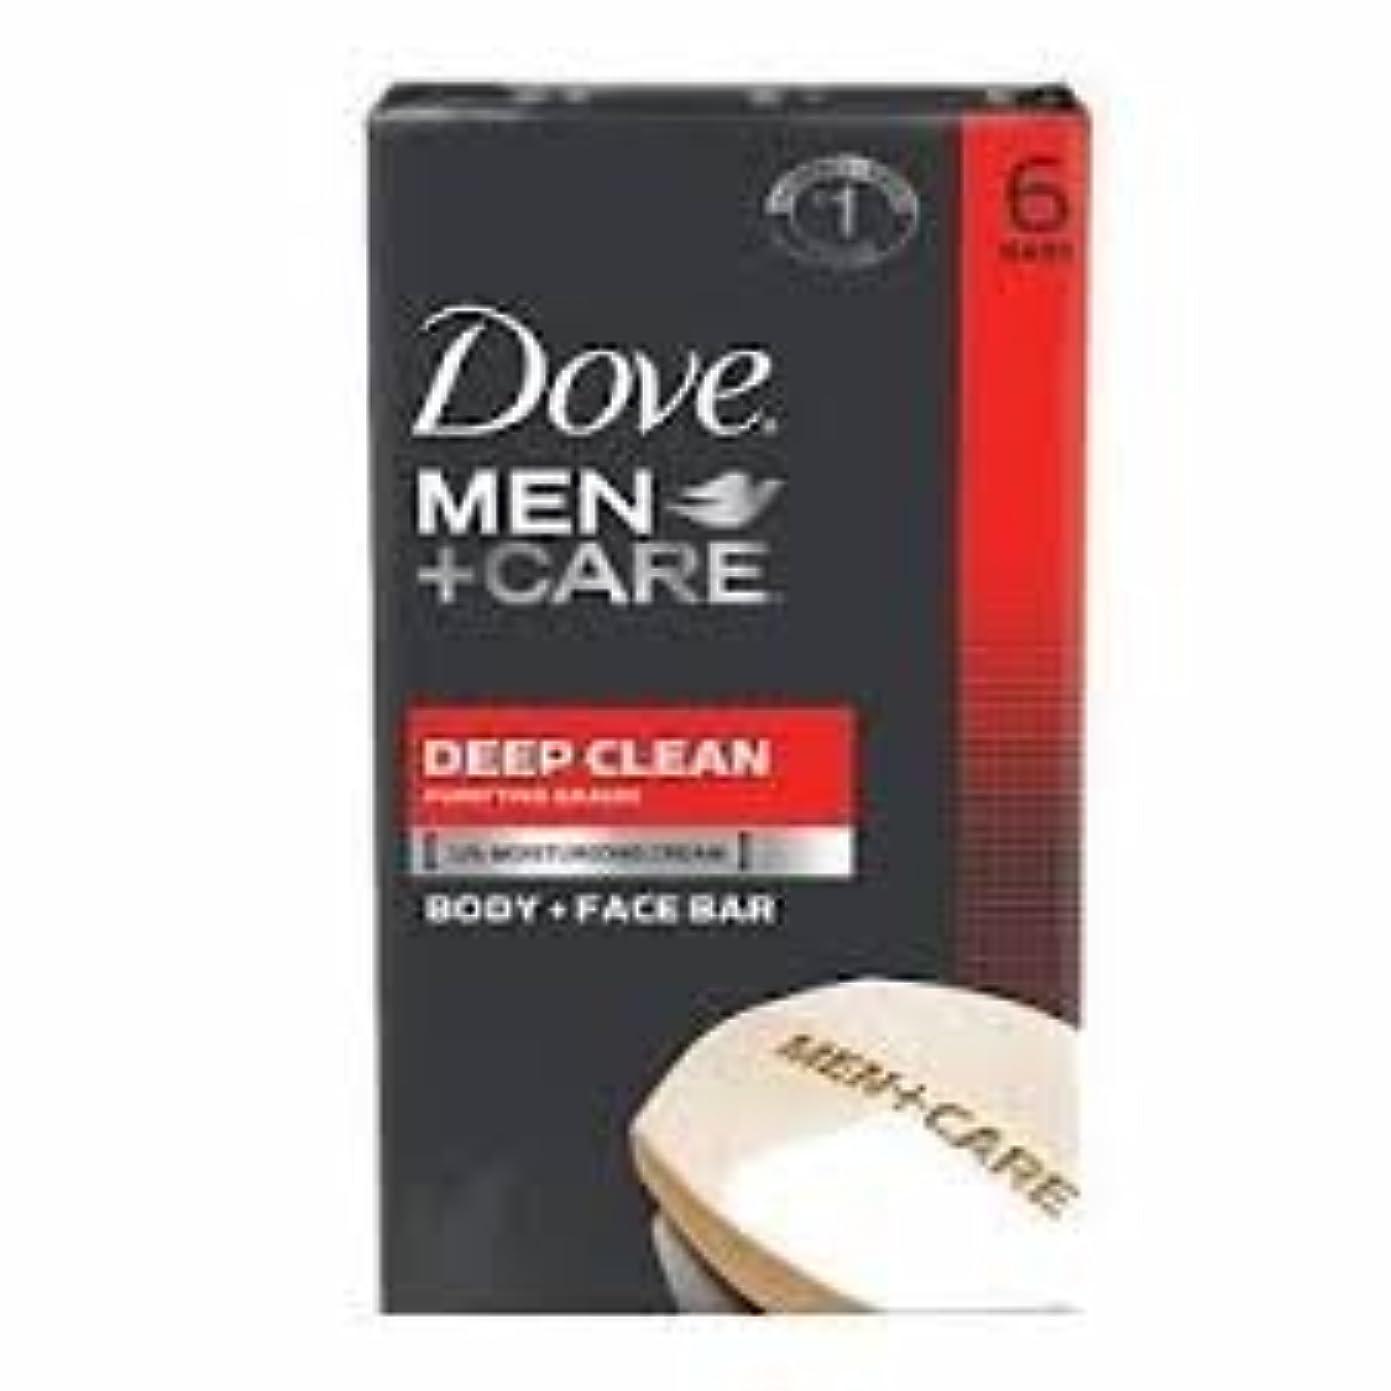 アマゾンジャングル船形十分Dove Men + Care Body and Face Bar, Deep Clean 4oz x 6Bars ダブ メン プラスケア ディープ クリーン ソープ 4oz x 6個